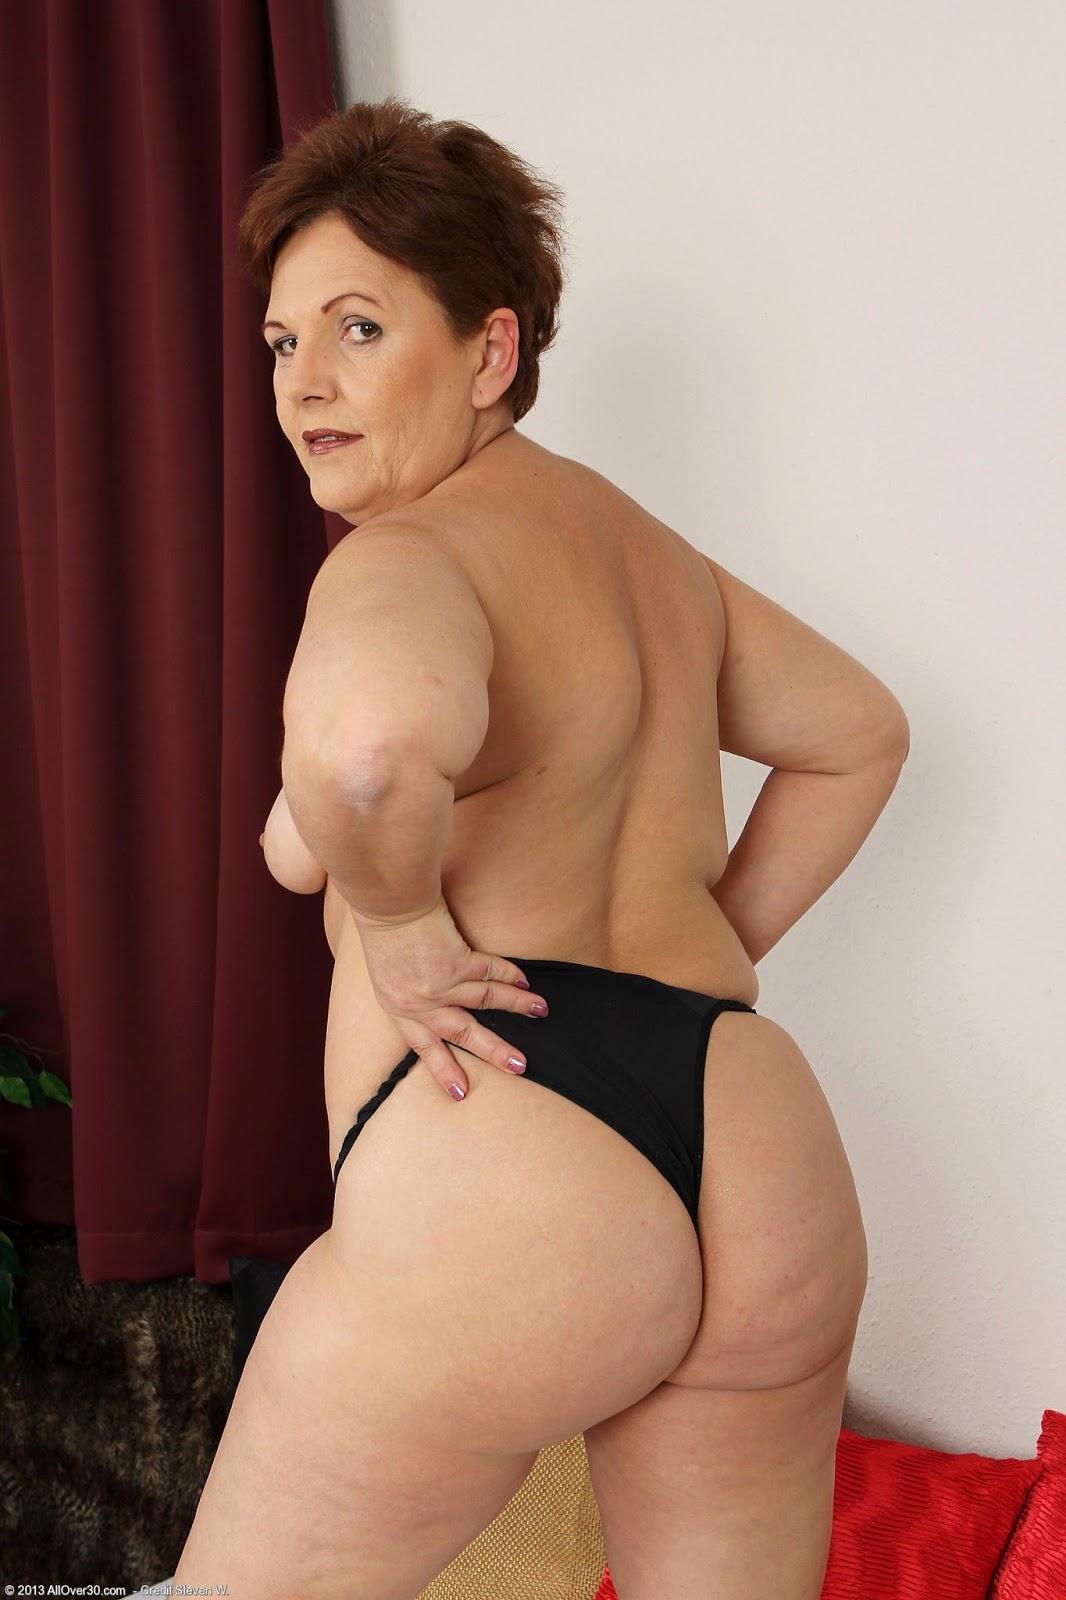 Nude Photos Of Mature Ladies